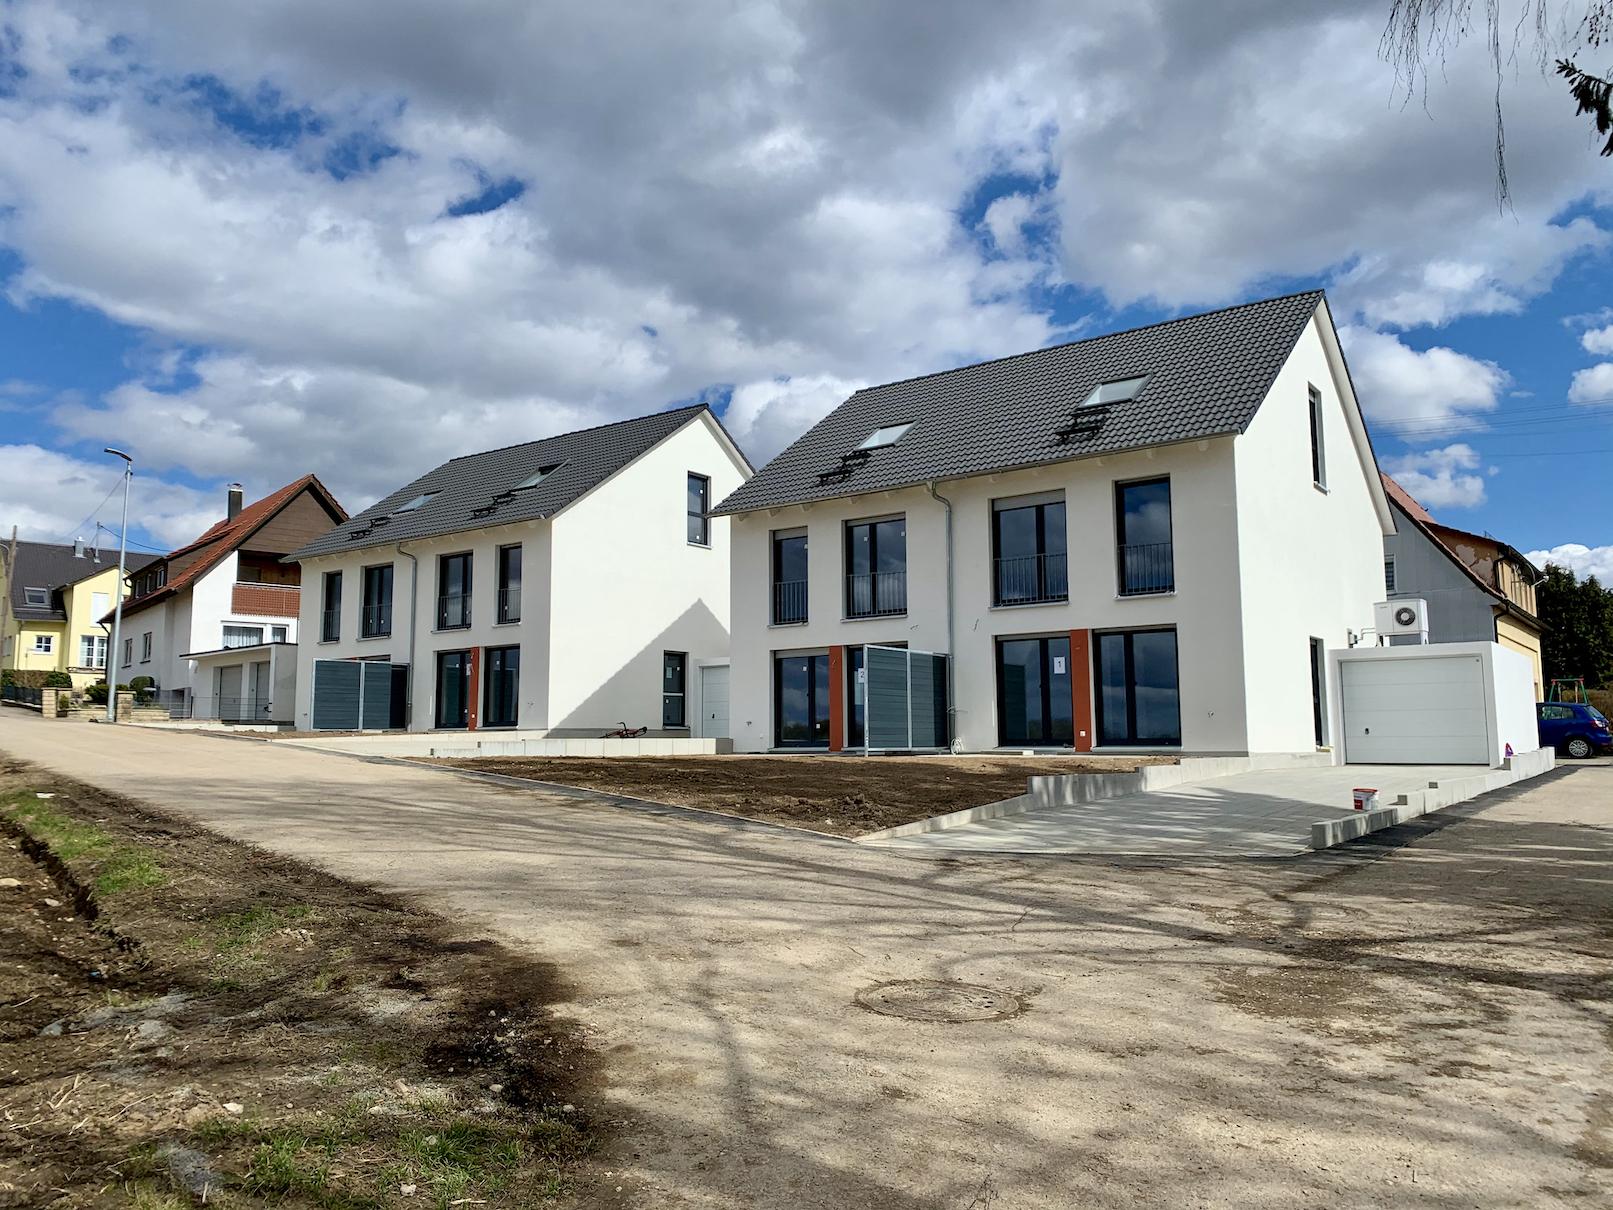 12.03.2021 - Die Außenanlagen sind fertiggestellt und der Innenausbau steht kurz vor der Fertigstellung.